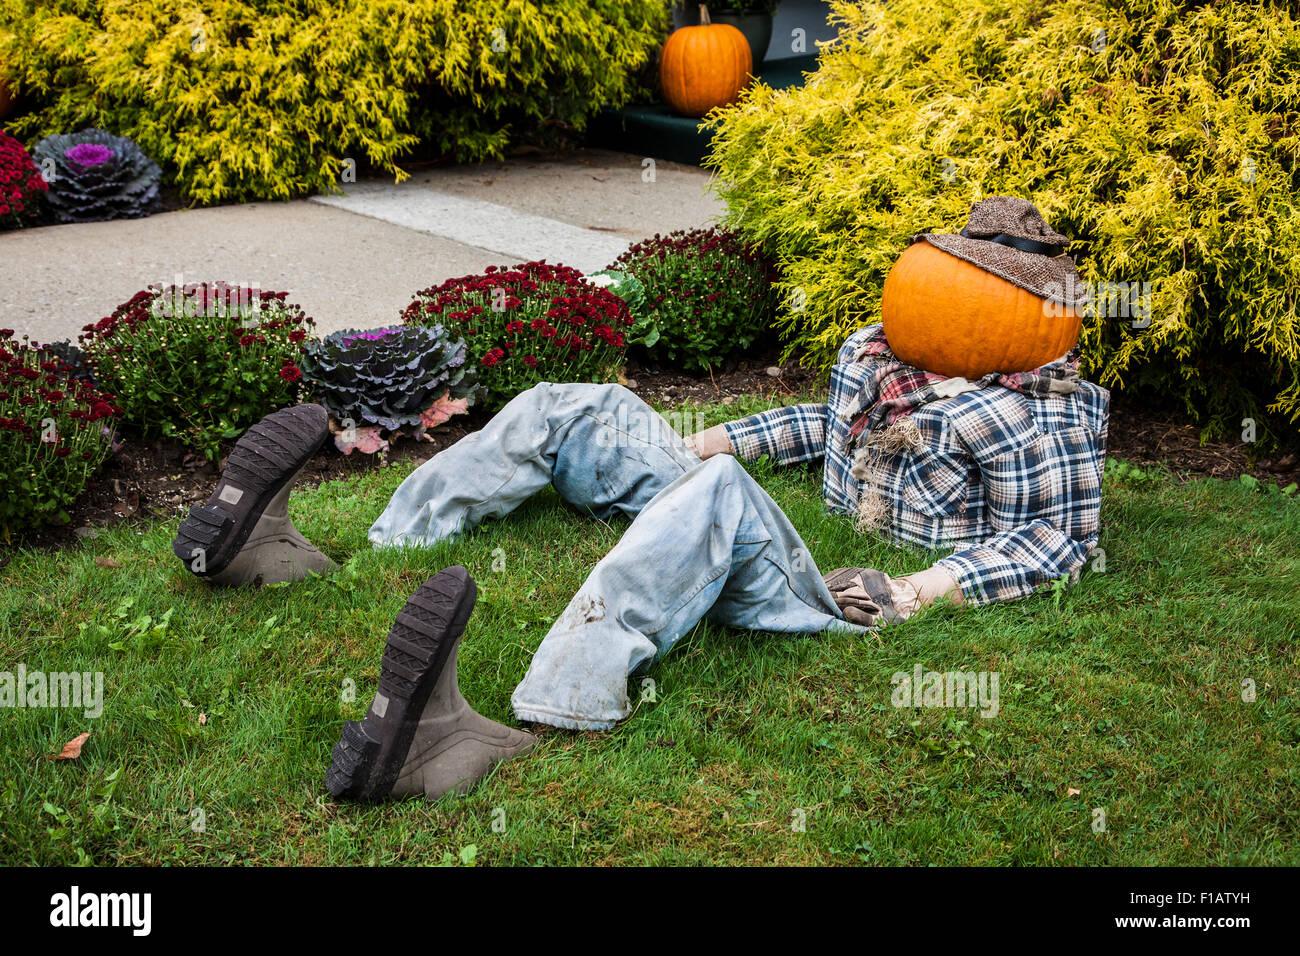 Halloween Herbst Garten Display Eines Kurbis Kopf Mann Sitzt In Einem Gartenbett In Vermont Usa Herbst New England Herbst Farben Gartenarbeit Humor Amerikaner Stockfotografie Alamy